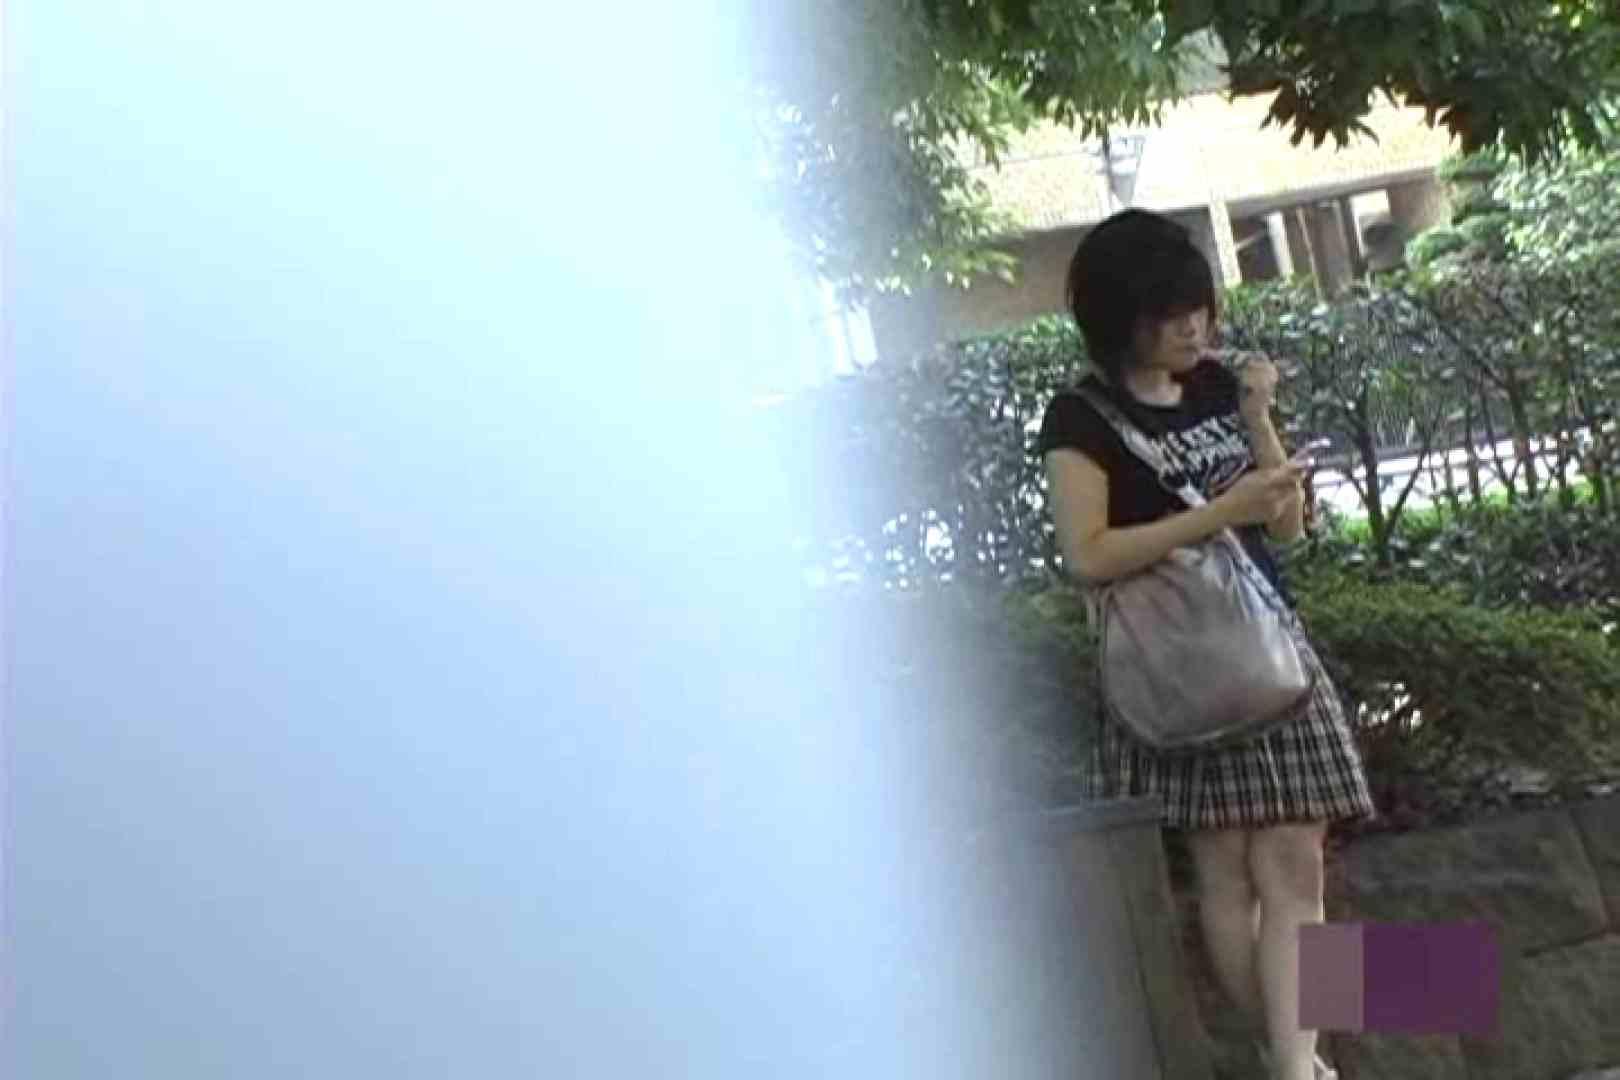 検証!隠し撮りスカートめくり!!Vol.1 股間   OLセックス  58画像 39